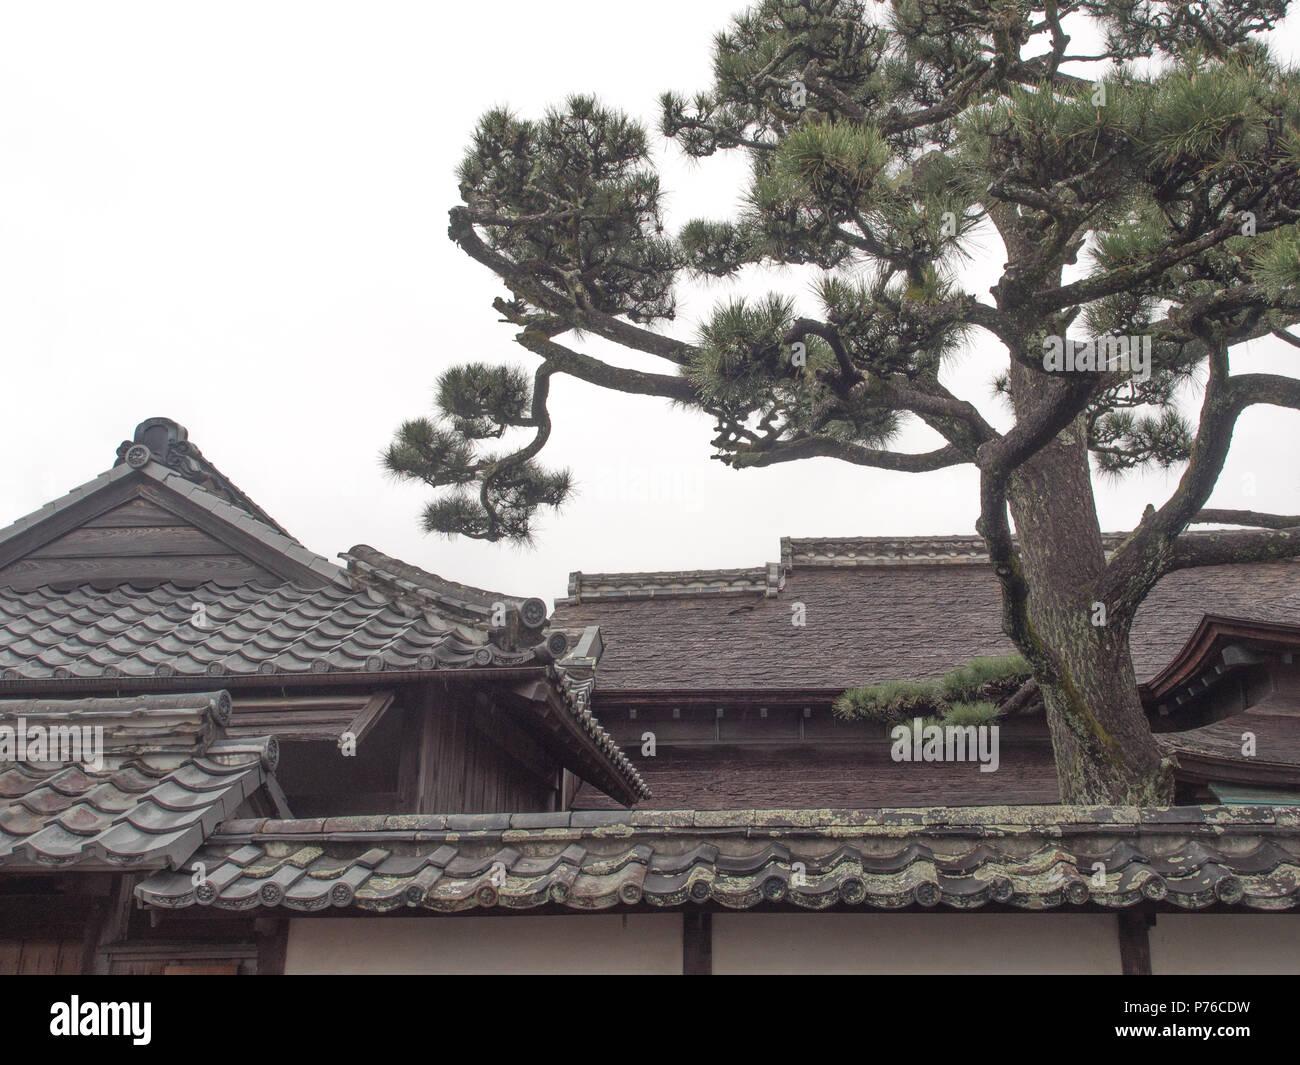 Oka-goten, Tano, Kochi, Shikoku Photo Stock